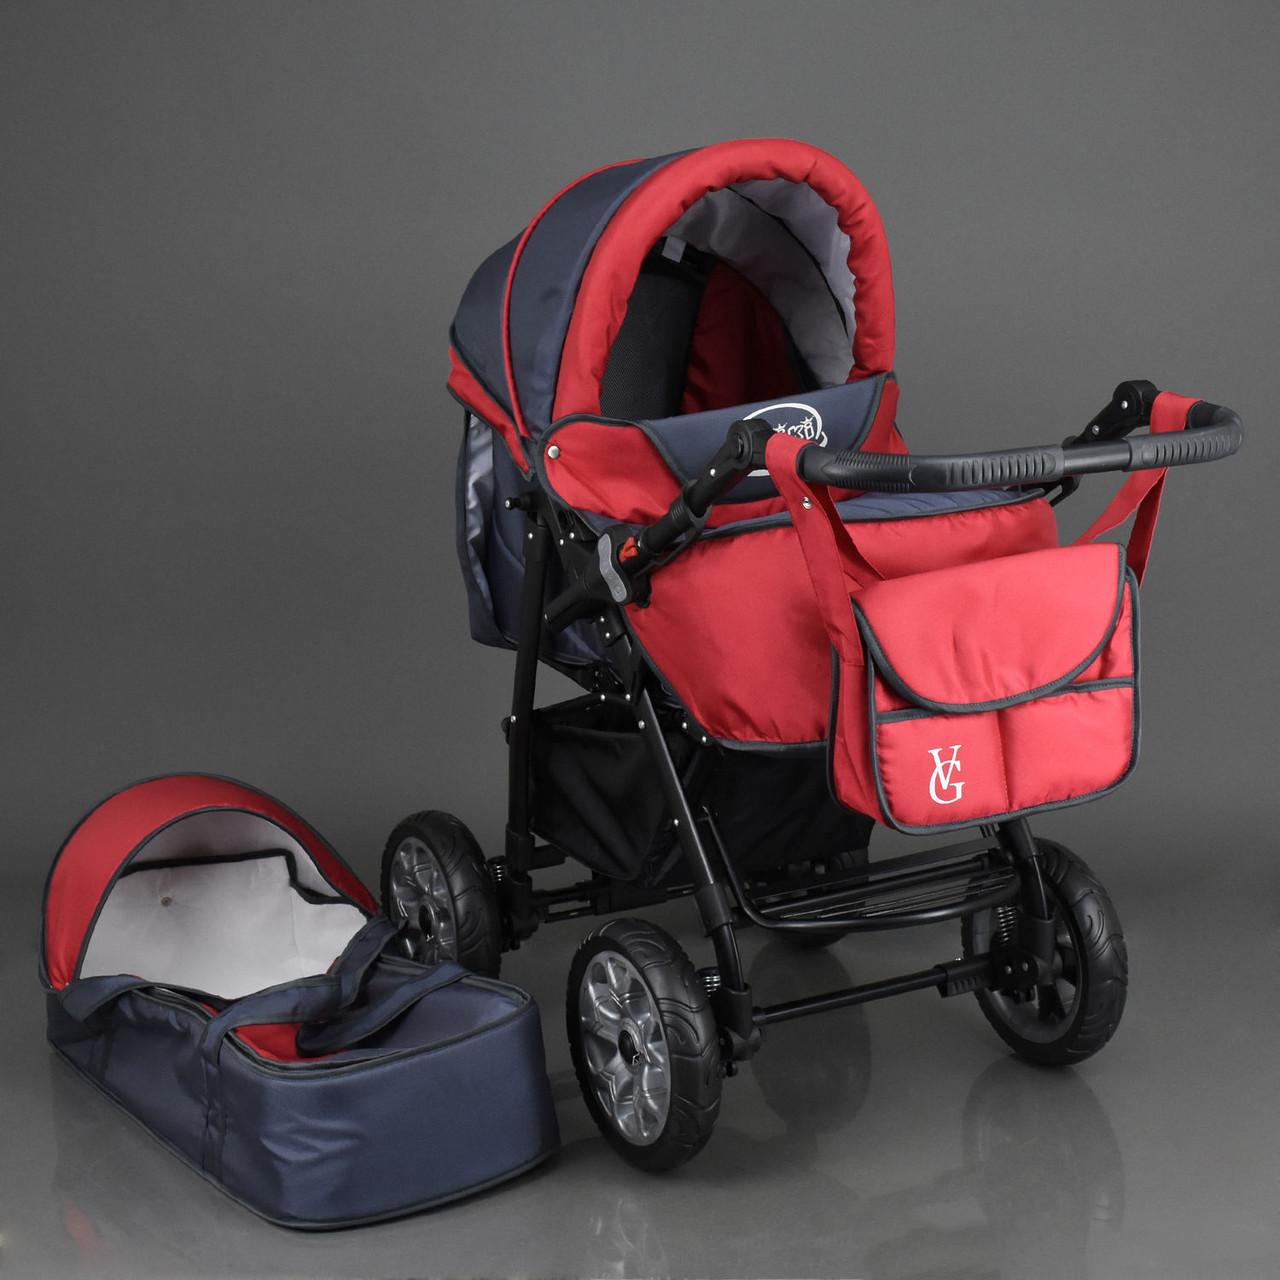 Детская коляска-трансформер Viki 86- С 16 Тёмно-серая с красным Гарантия качества Быстрая доставка